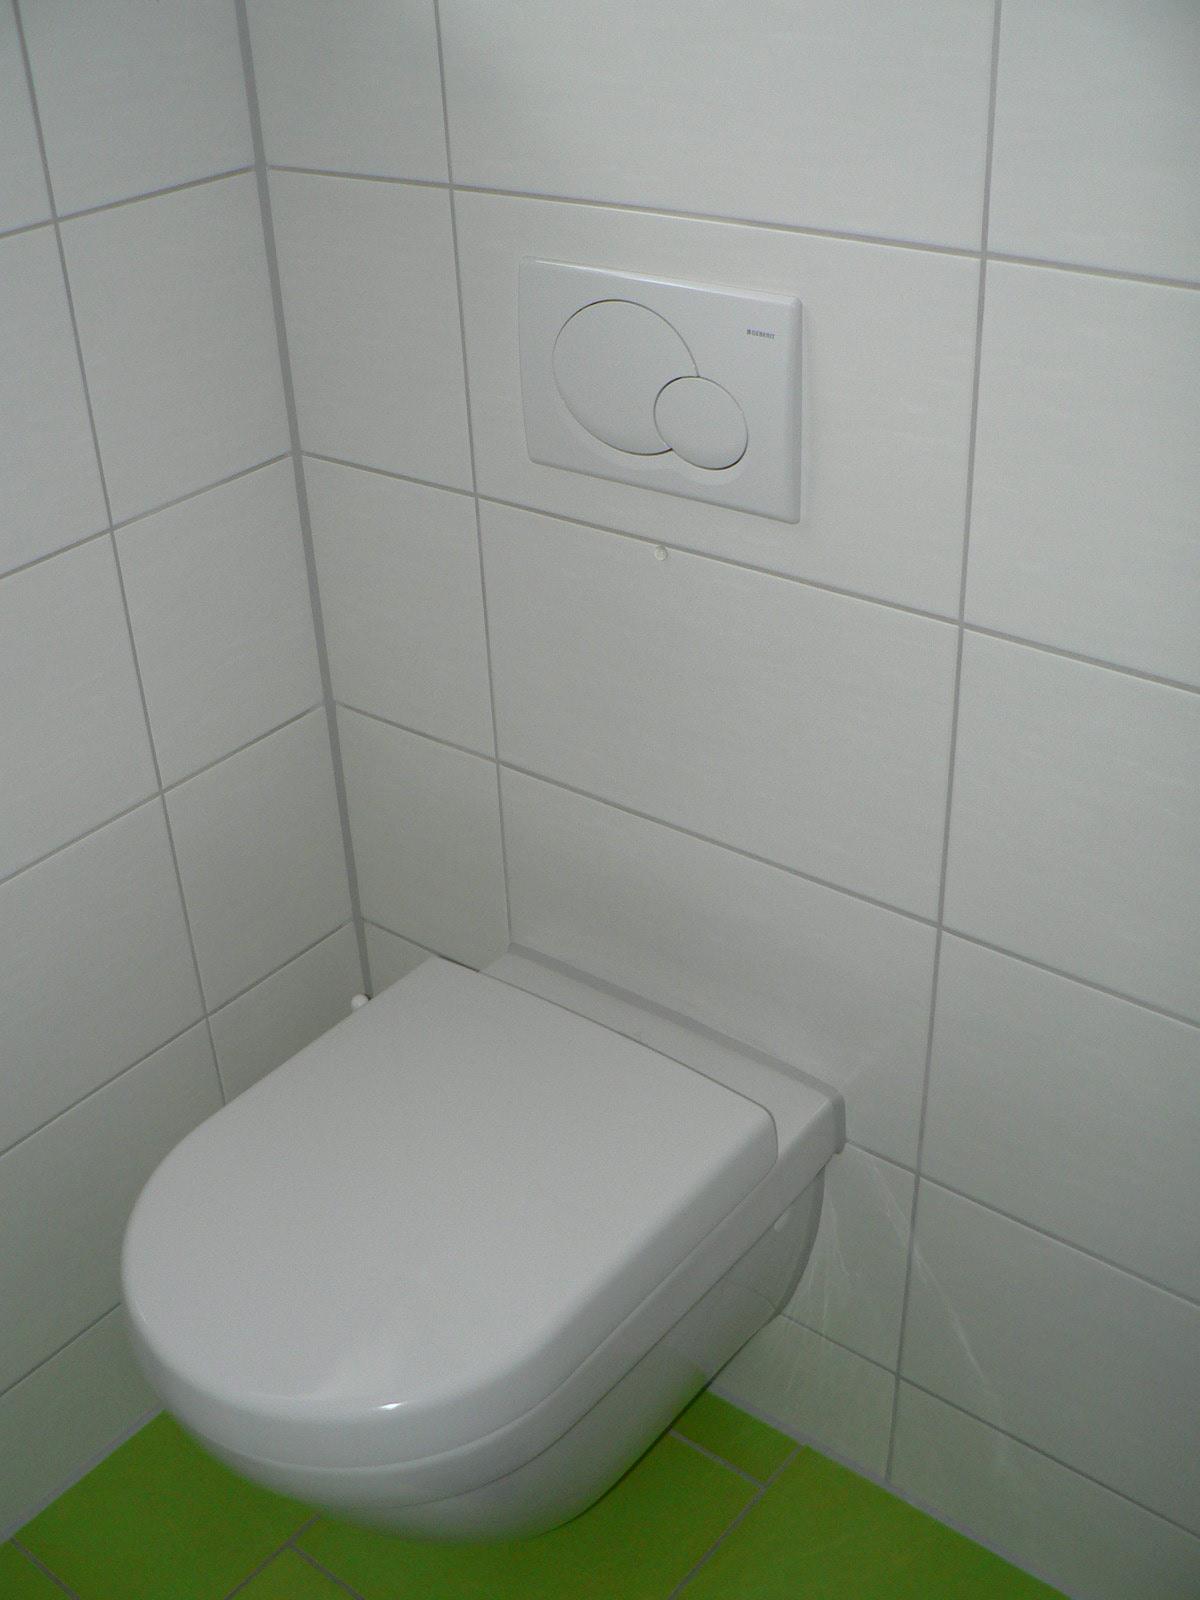 gerd nolte heizung sanit r g ste wc mit rund dusche. Black Bedroom Furniture Sets. Home Design Ideas